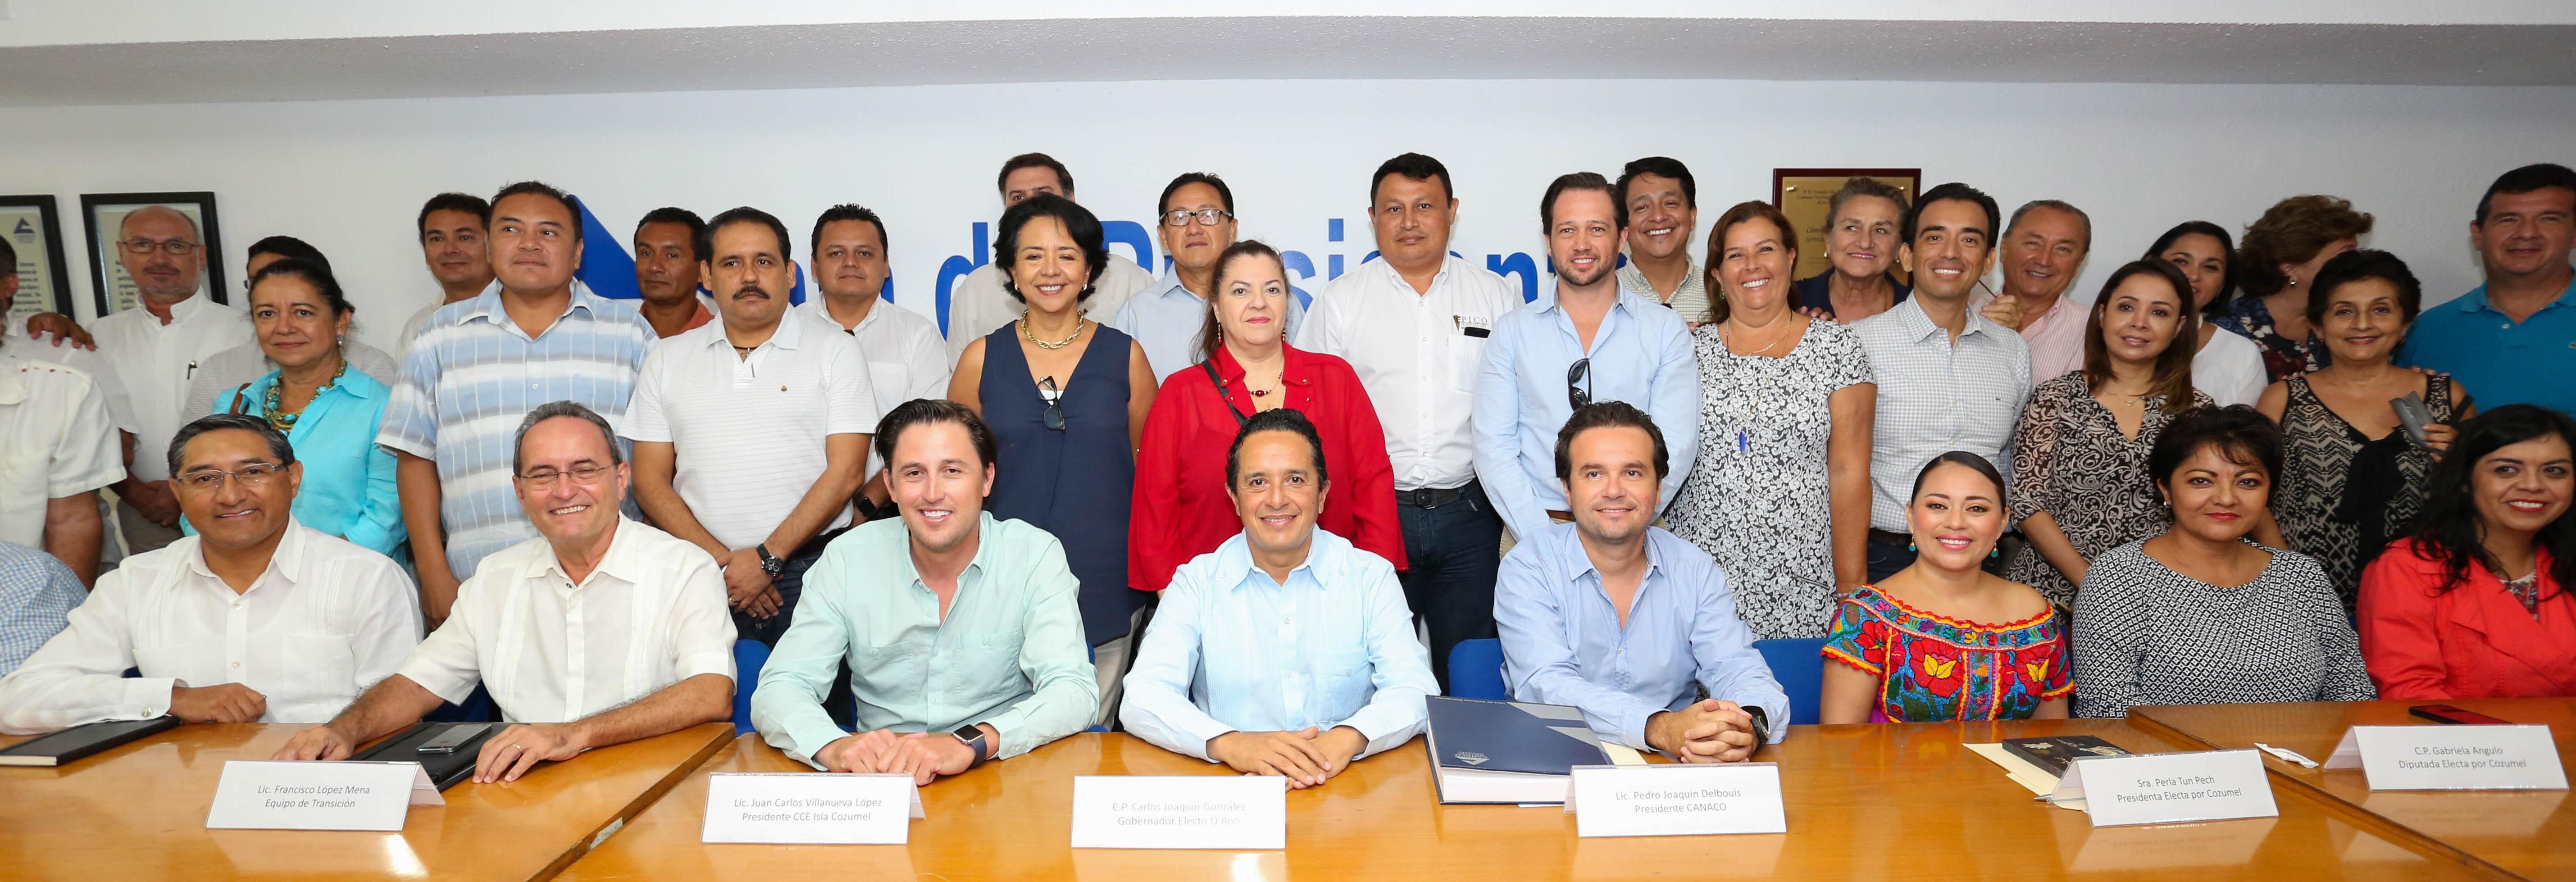 SE REÚNE CARLOS CON EMPRESARIOS DE COZUMEL: Explica Gobernador electo objetivos de los trabajos del equipo de transición